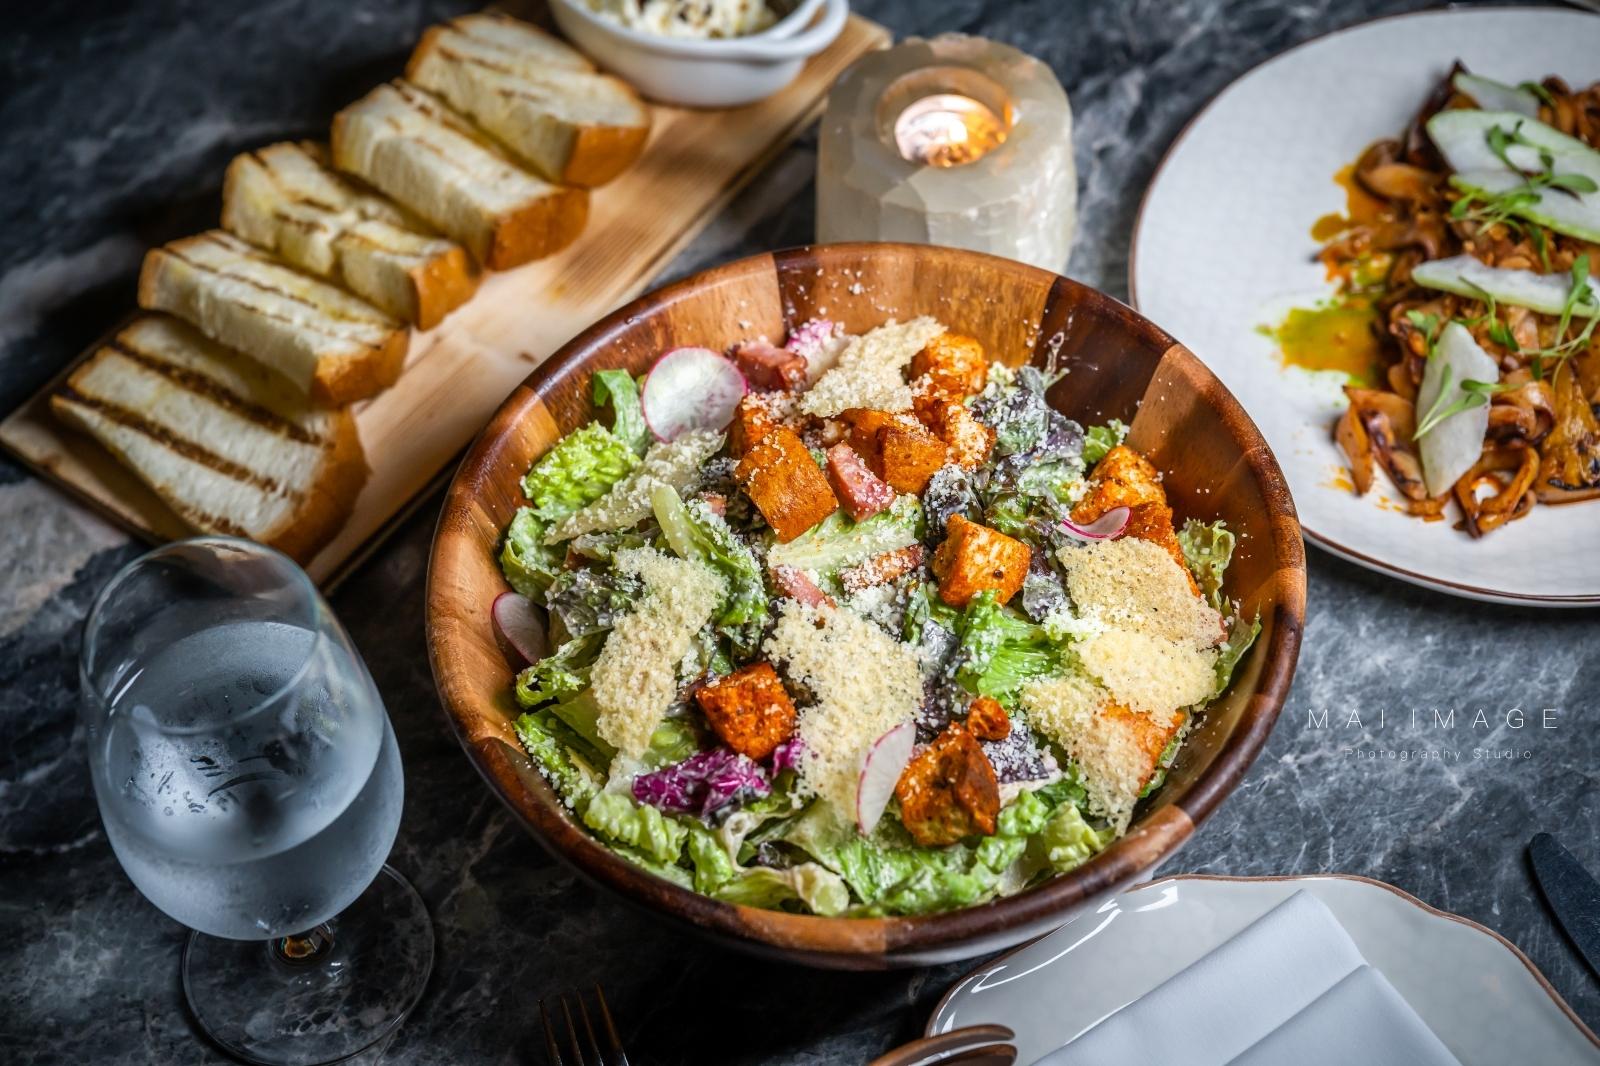 台北約會餐廳|華泰王子飯店『L'IDIOT RESTAURANT 驢子餐廳』,四人分享餐不分午晚直打63折輕鬆品嚐。不管慶祝什麼來隻『慶祝魚』就對了~